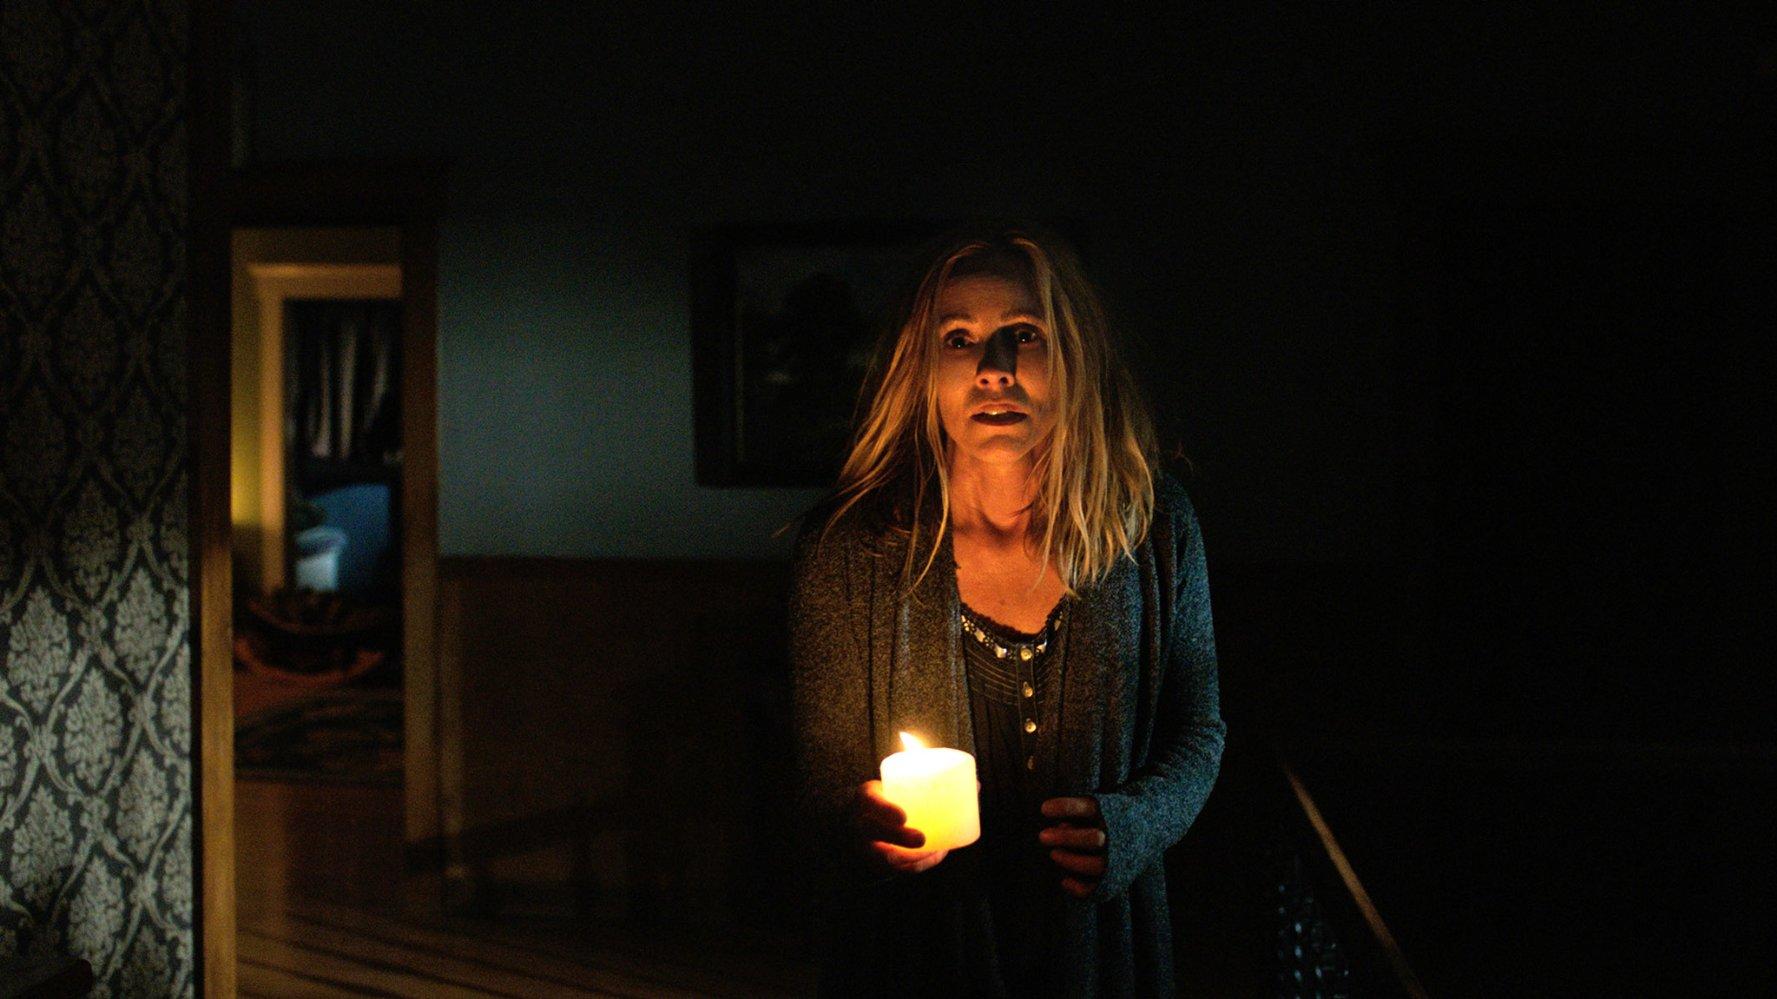 معرفی فیلم Lights Out: تصویری واقعی از تاریکی